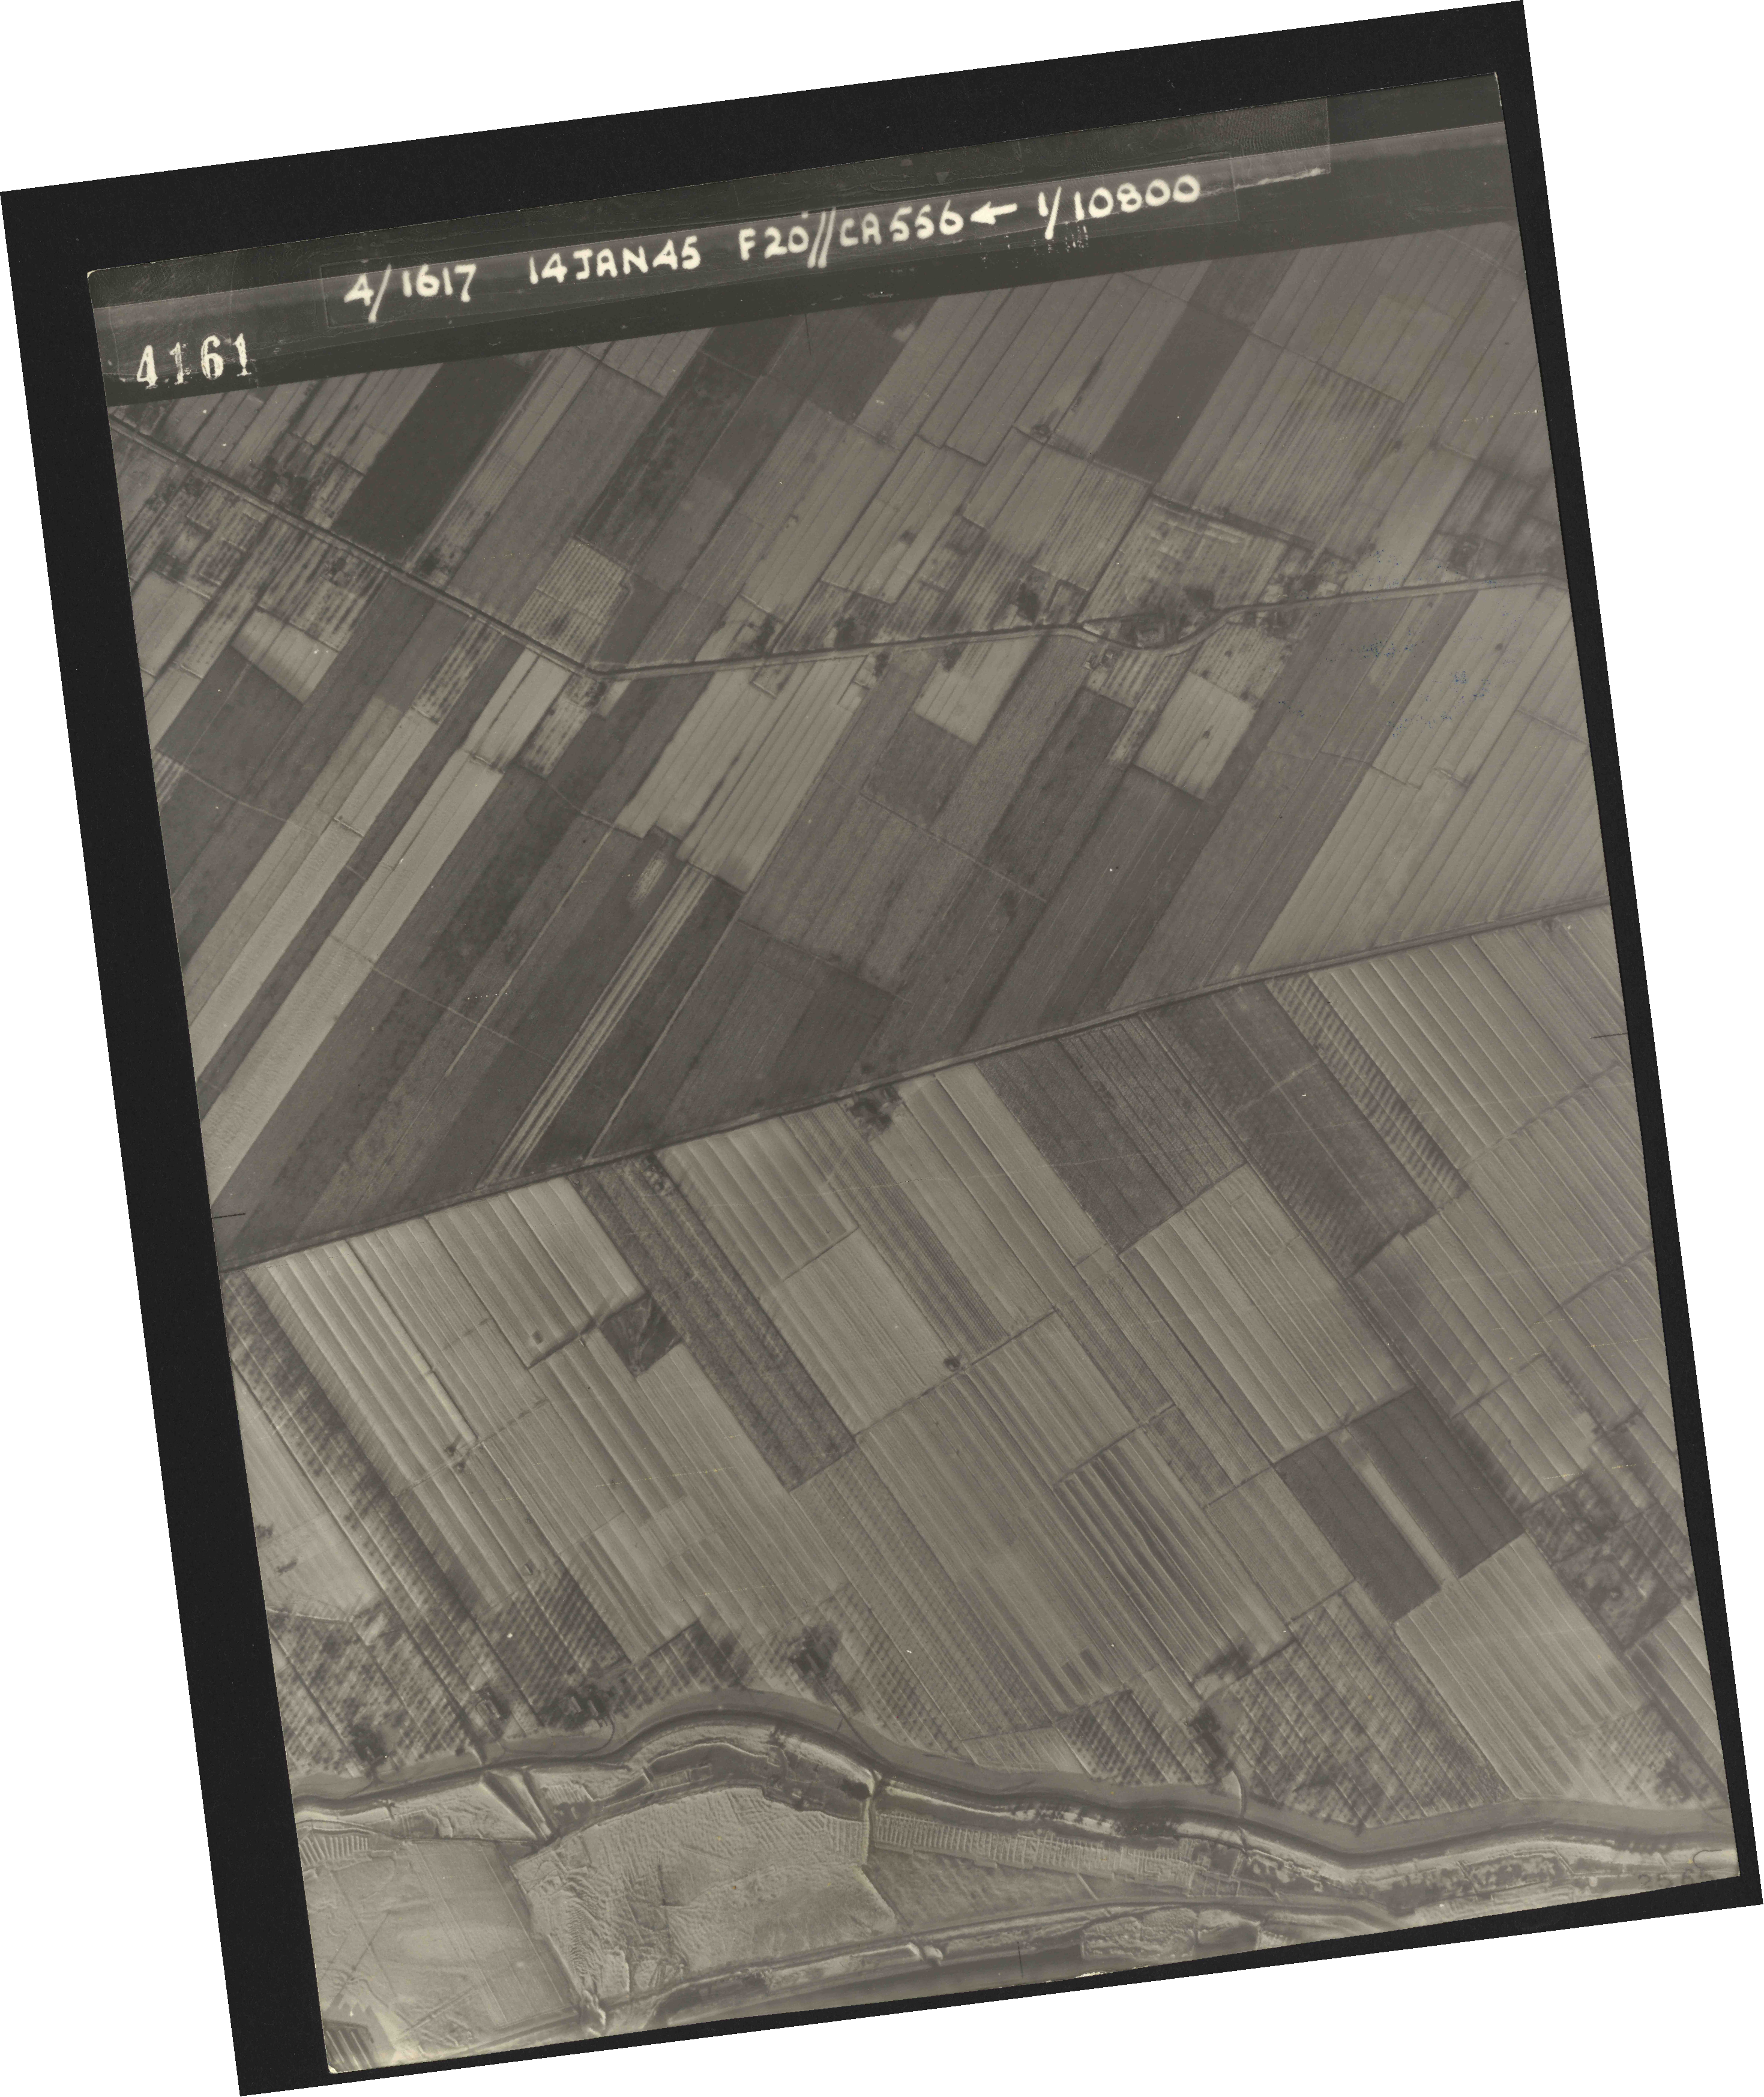 Collection RAF aerial photos 1940-1945 - flight 060, run 01, photo 4161